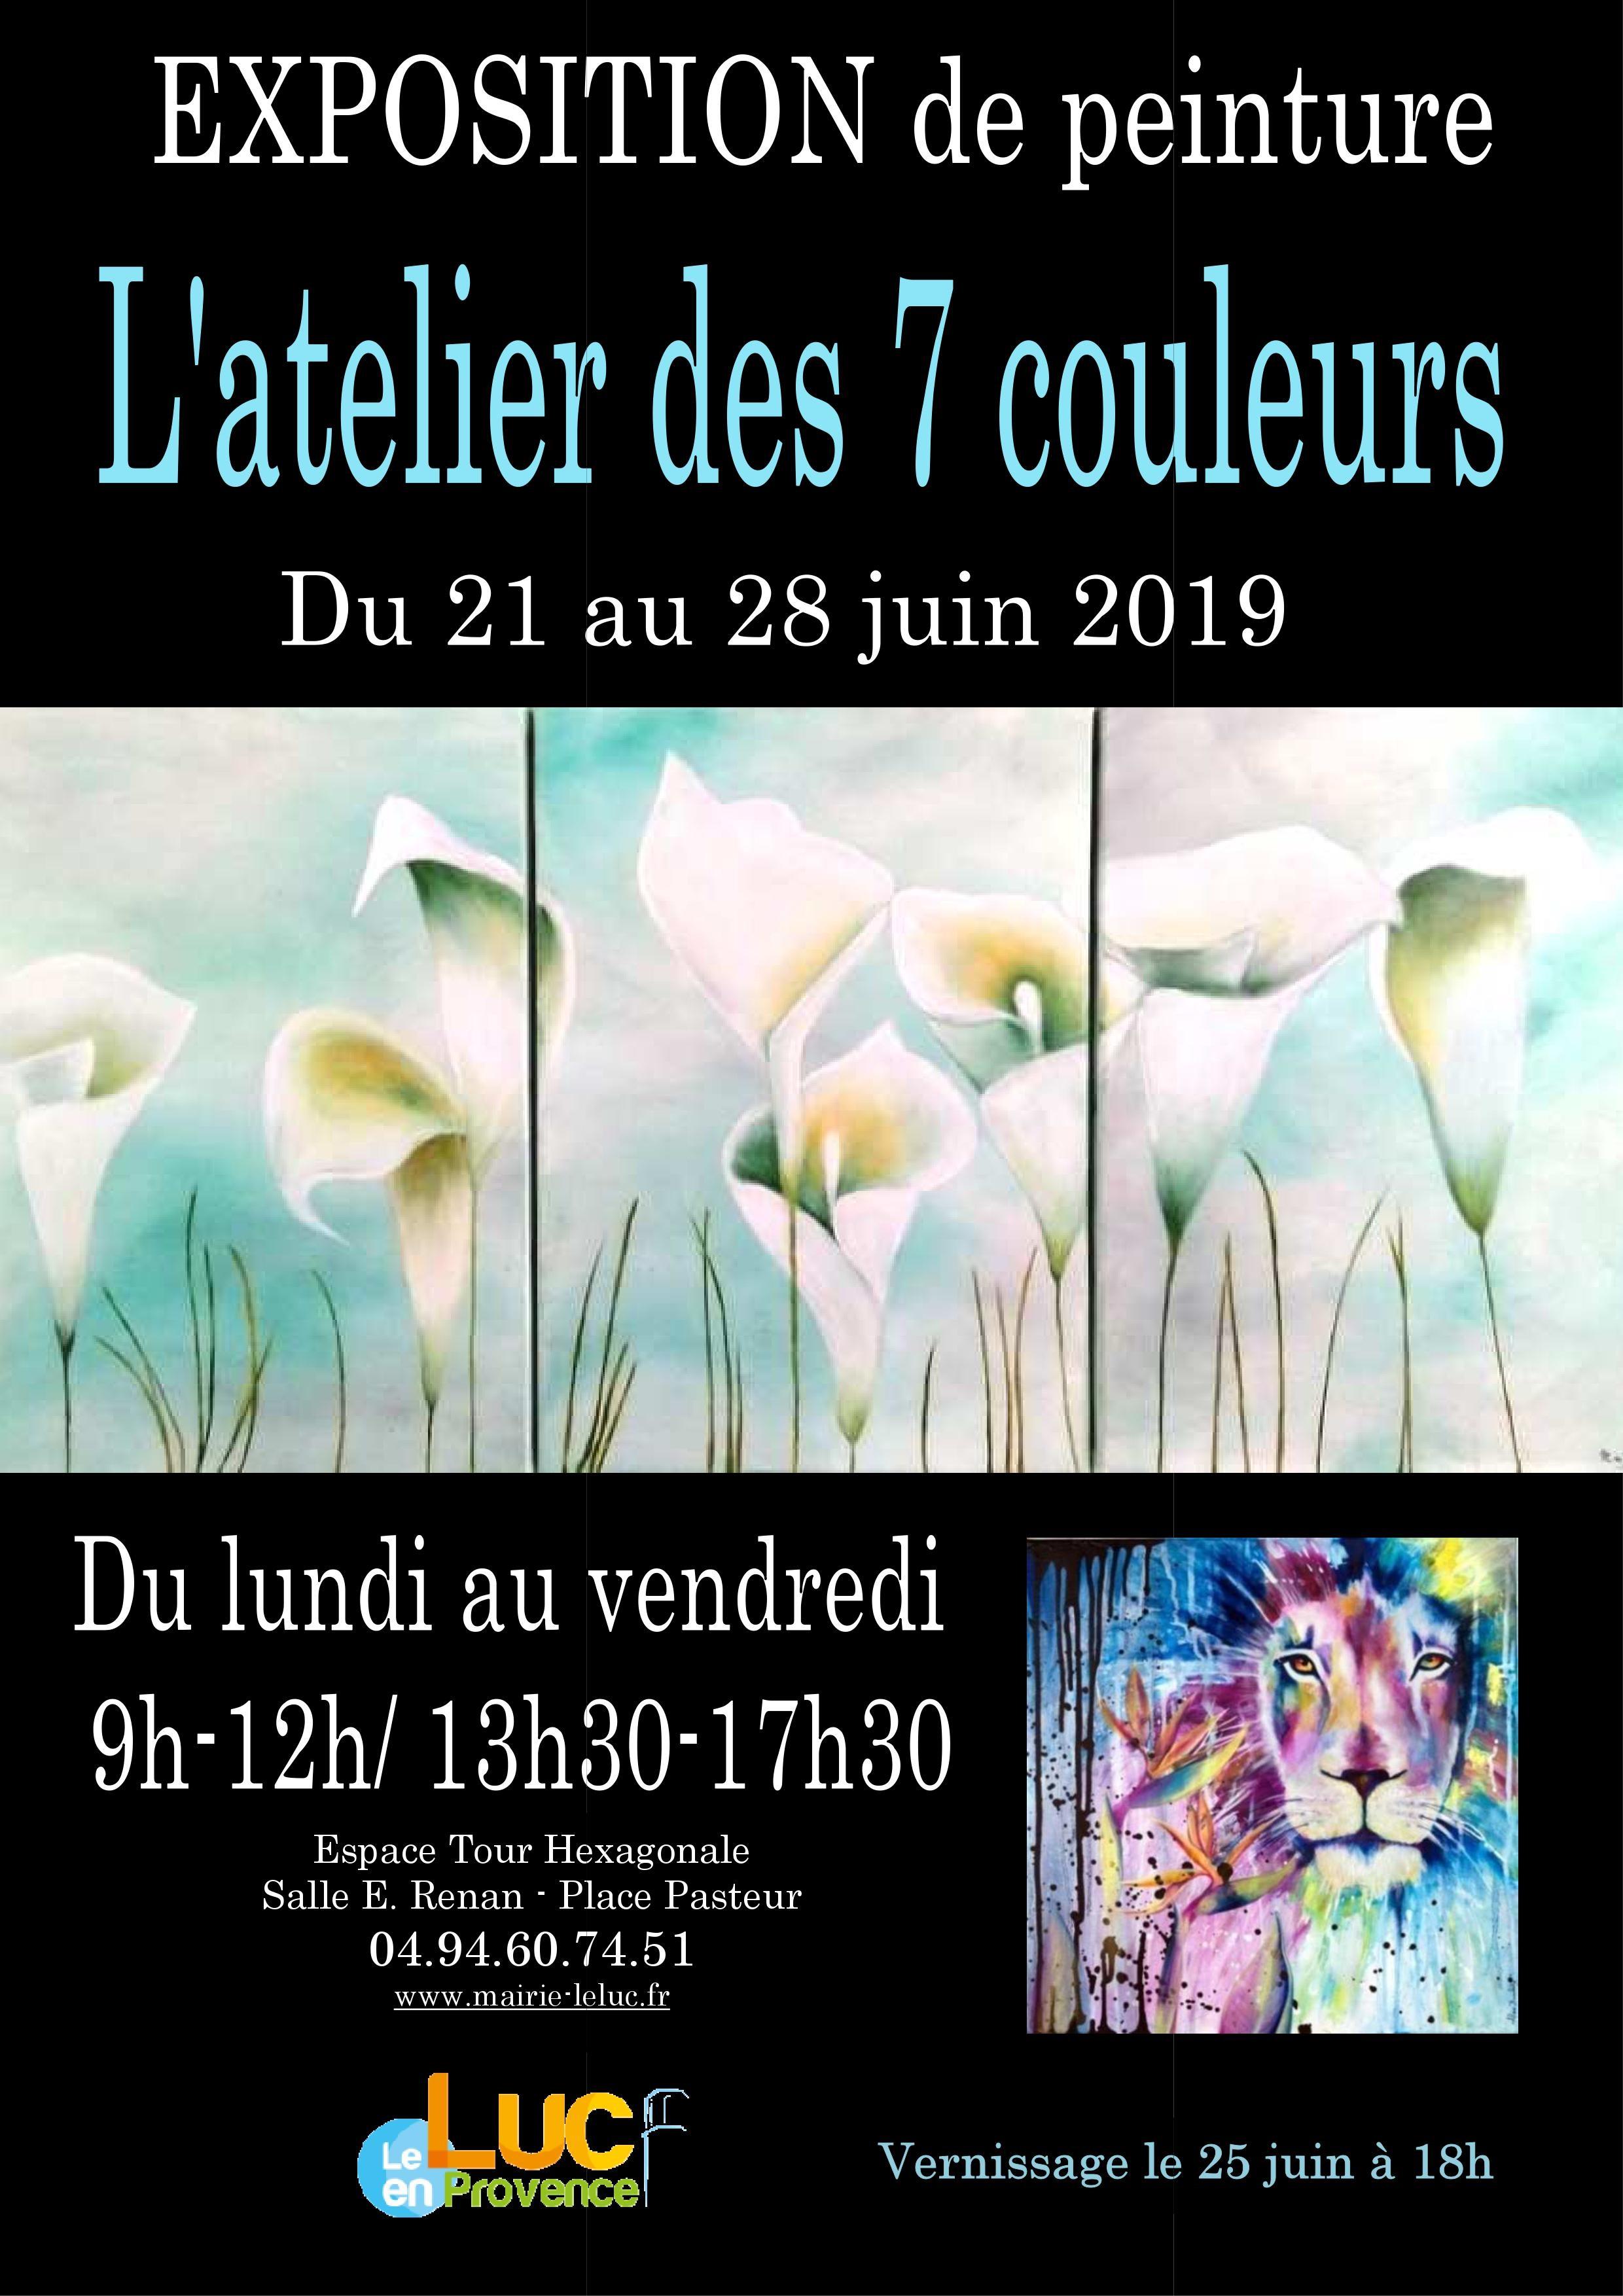 Du 21 au 28 juin, Exposition de peinture